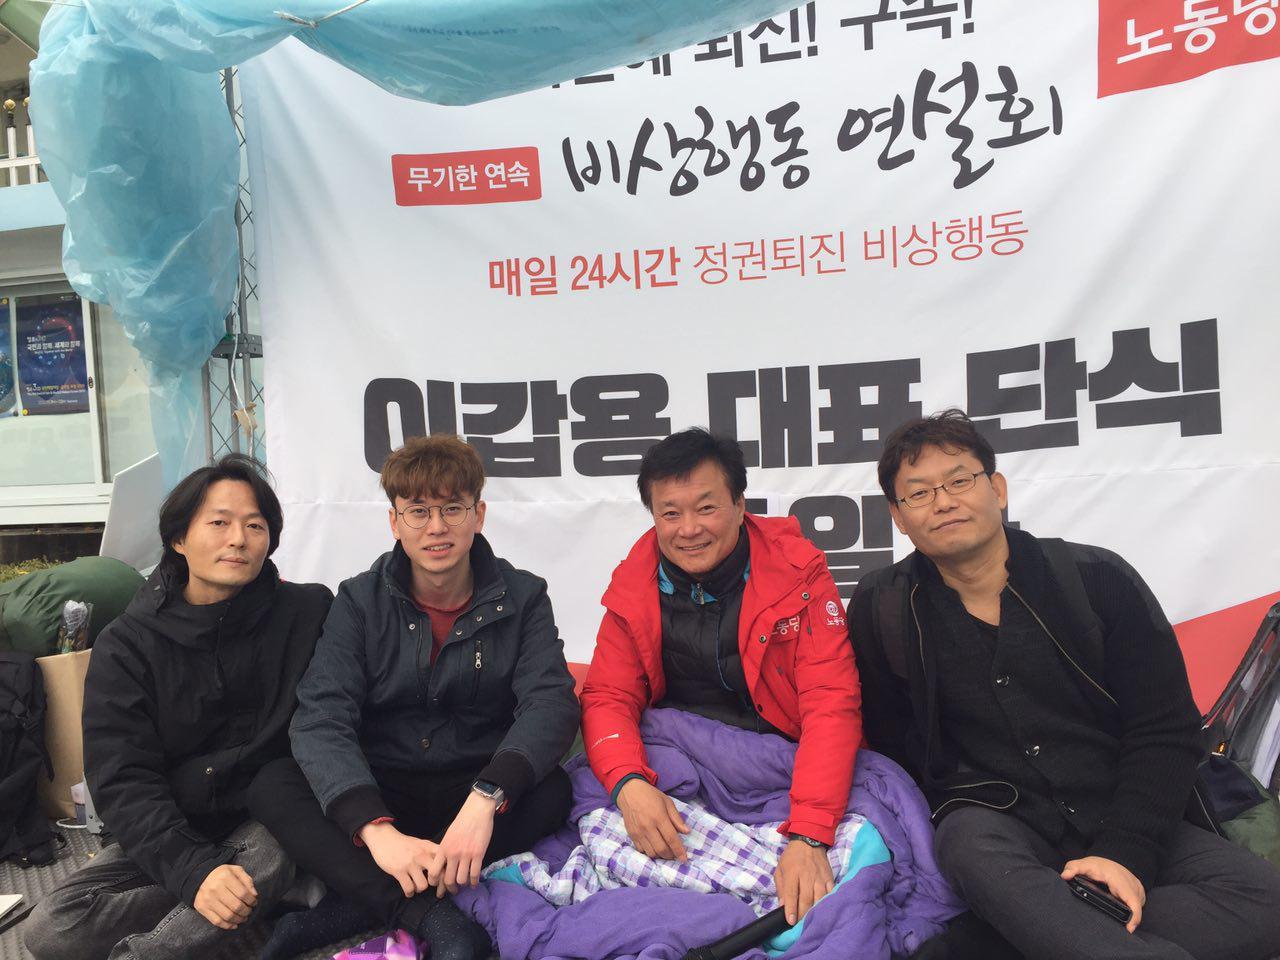 1998년에는 국회 앞에서 24일간 단식을, 2016년에는 박근혜 퇴진과 구속을 외치며 광화문에서 24일간 단식을 했습니다.